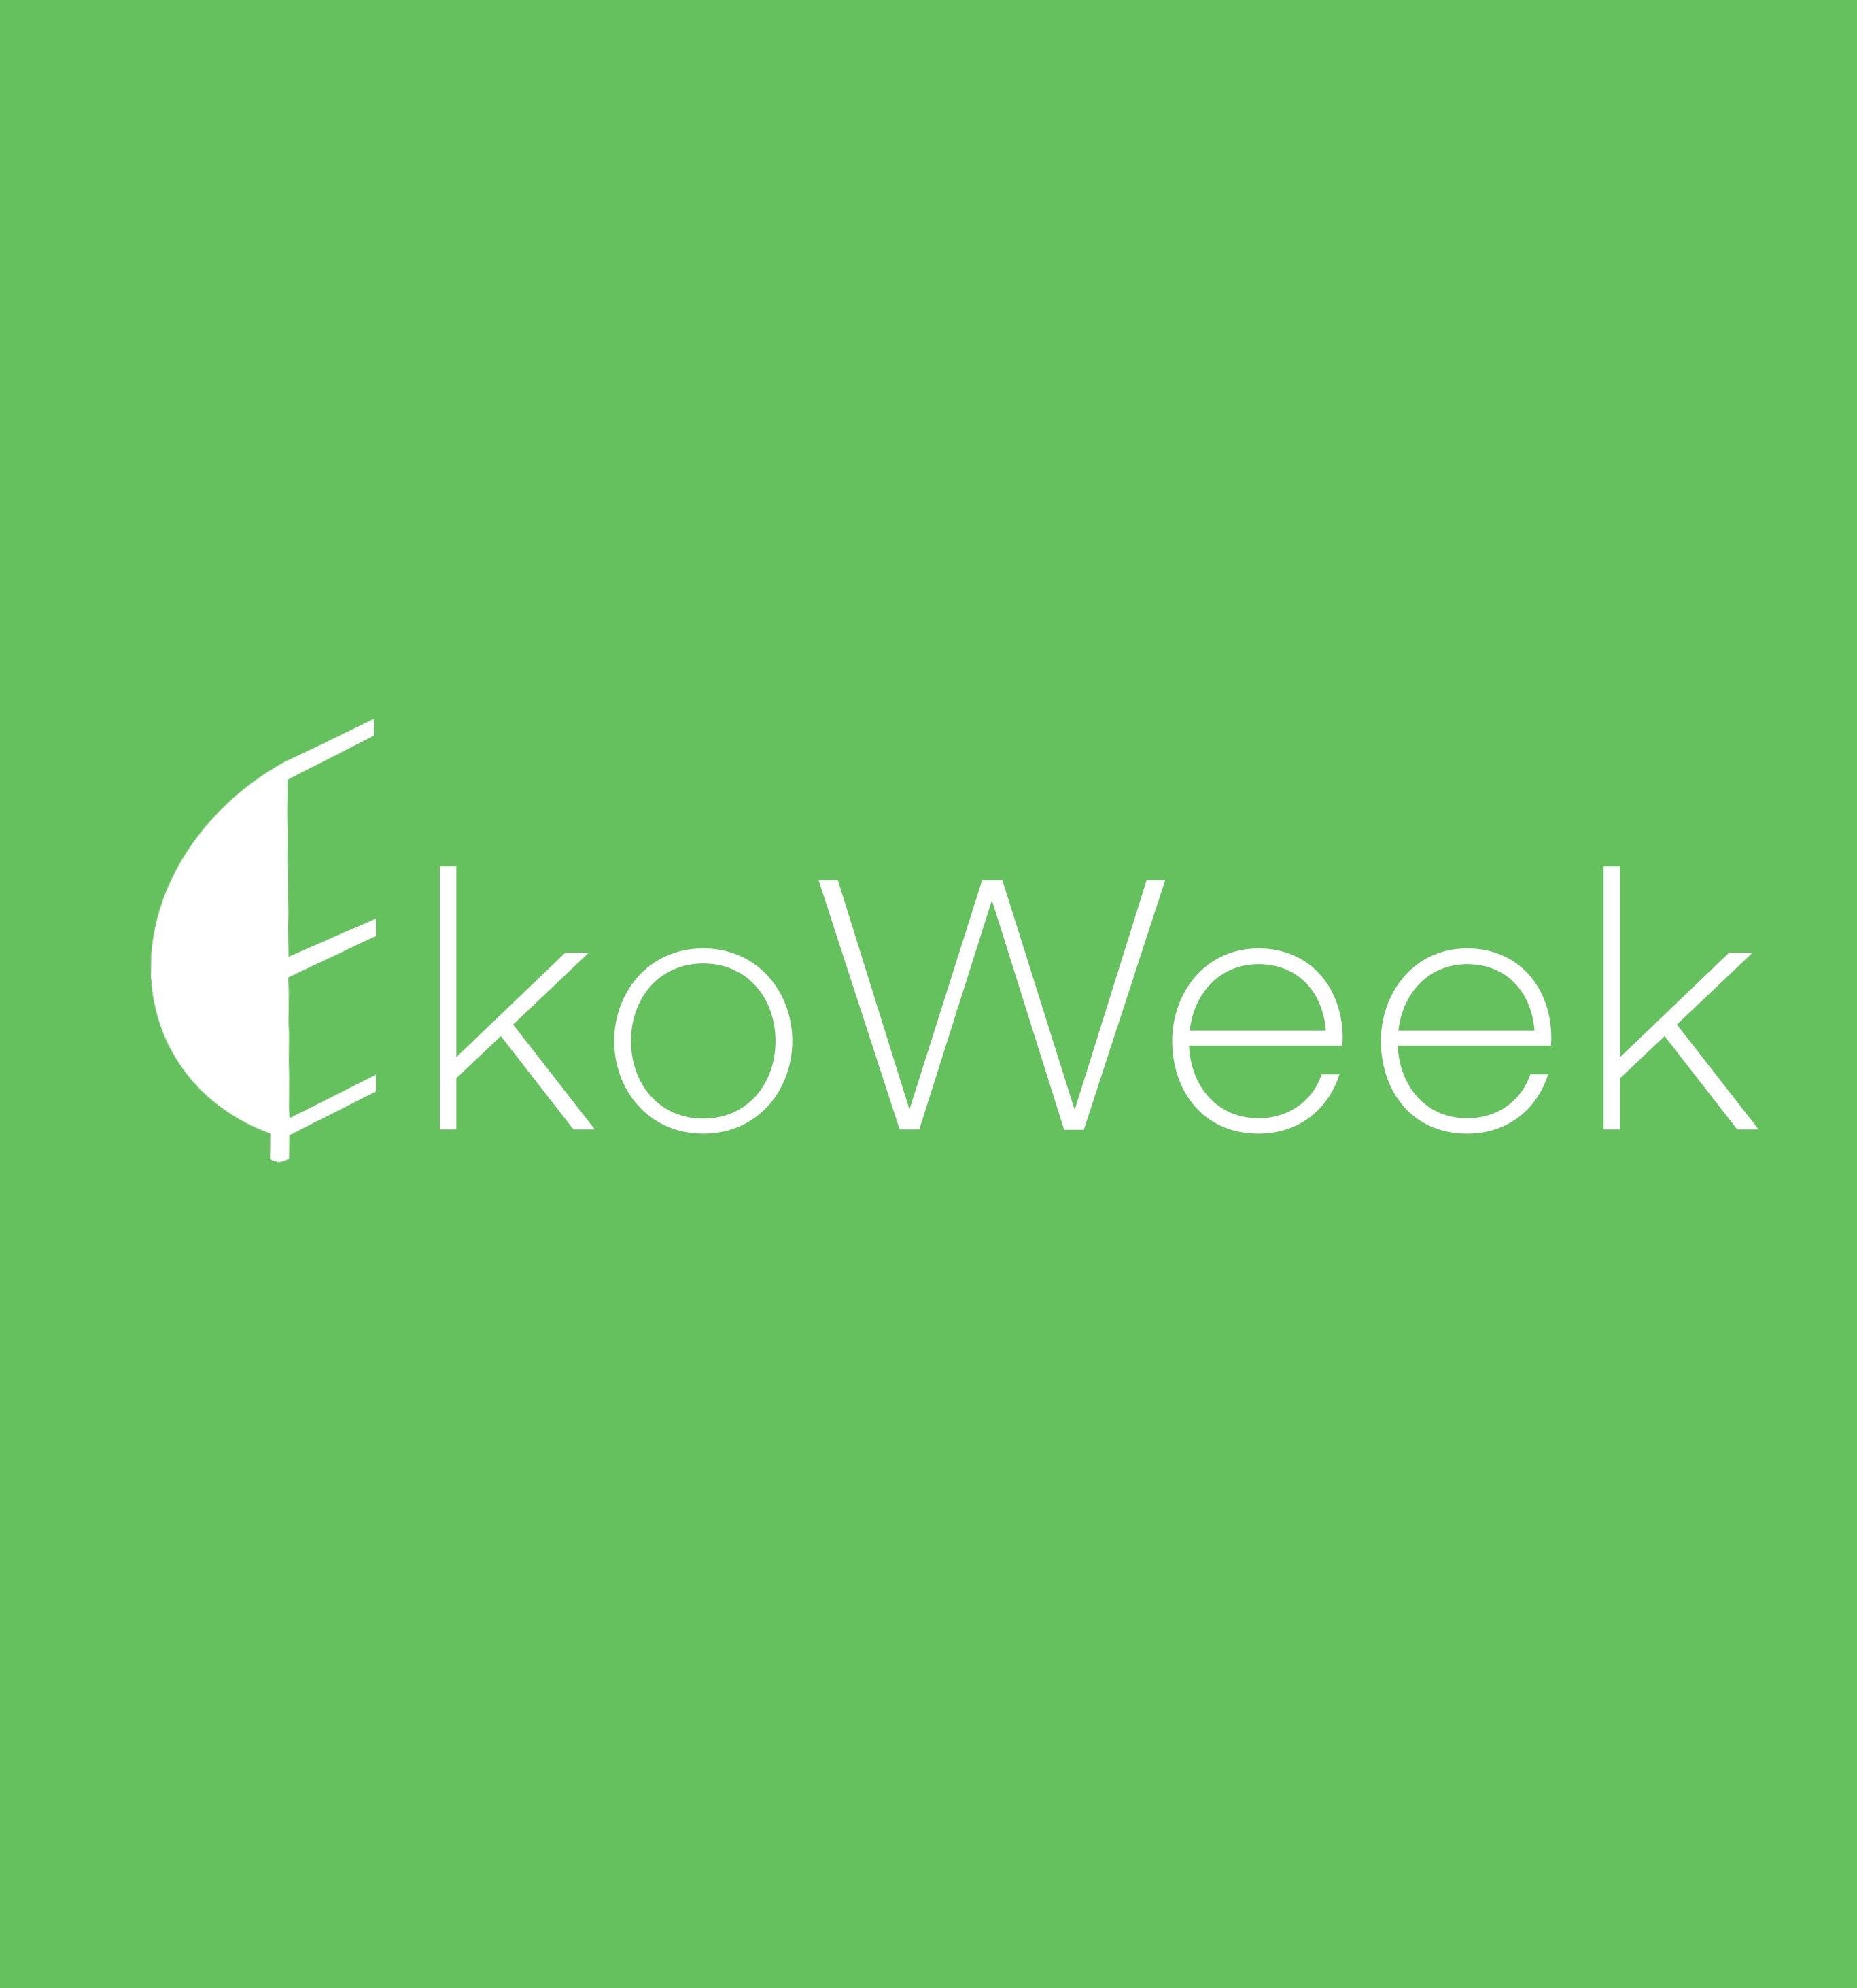 Eko Week - podsumowanie